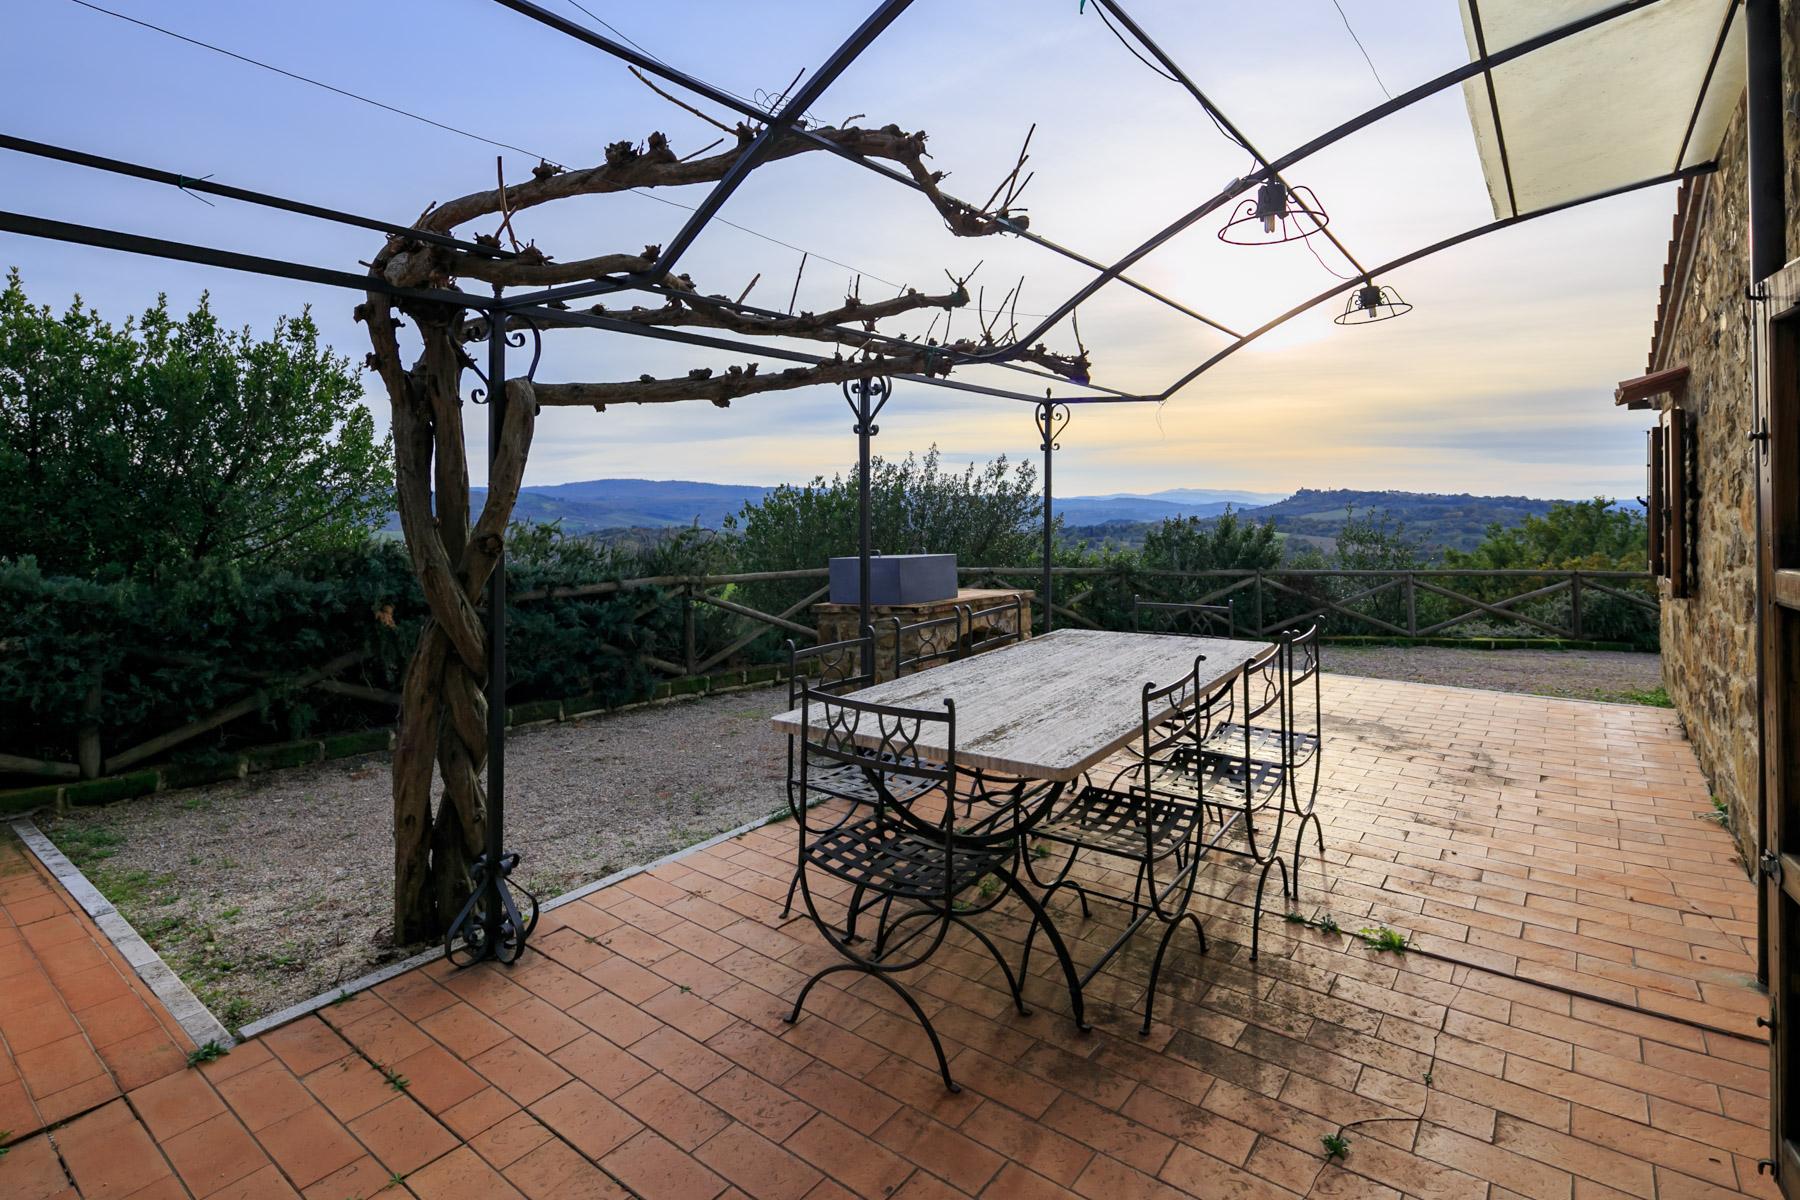 Rustico in Vendita a Manciano: 5 locali, 500 mq - Foto 26